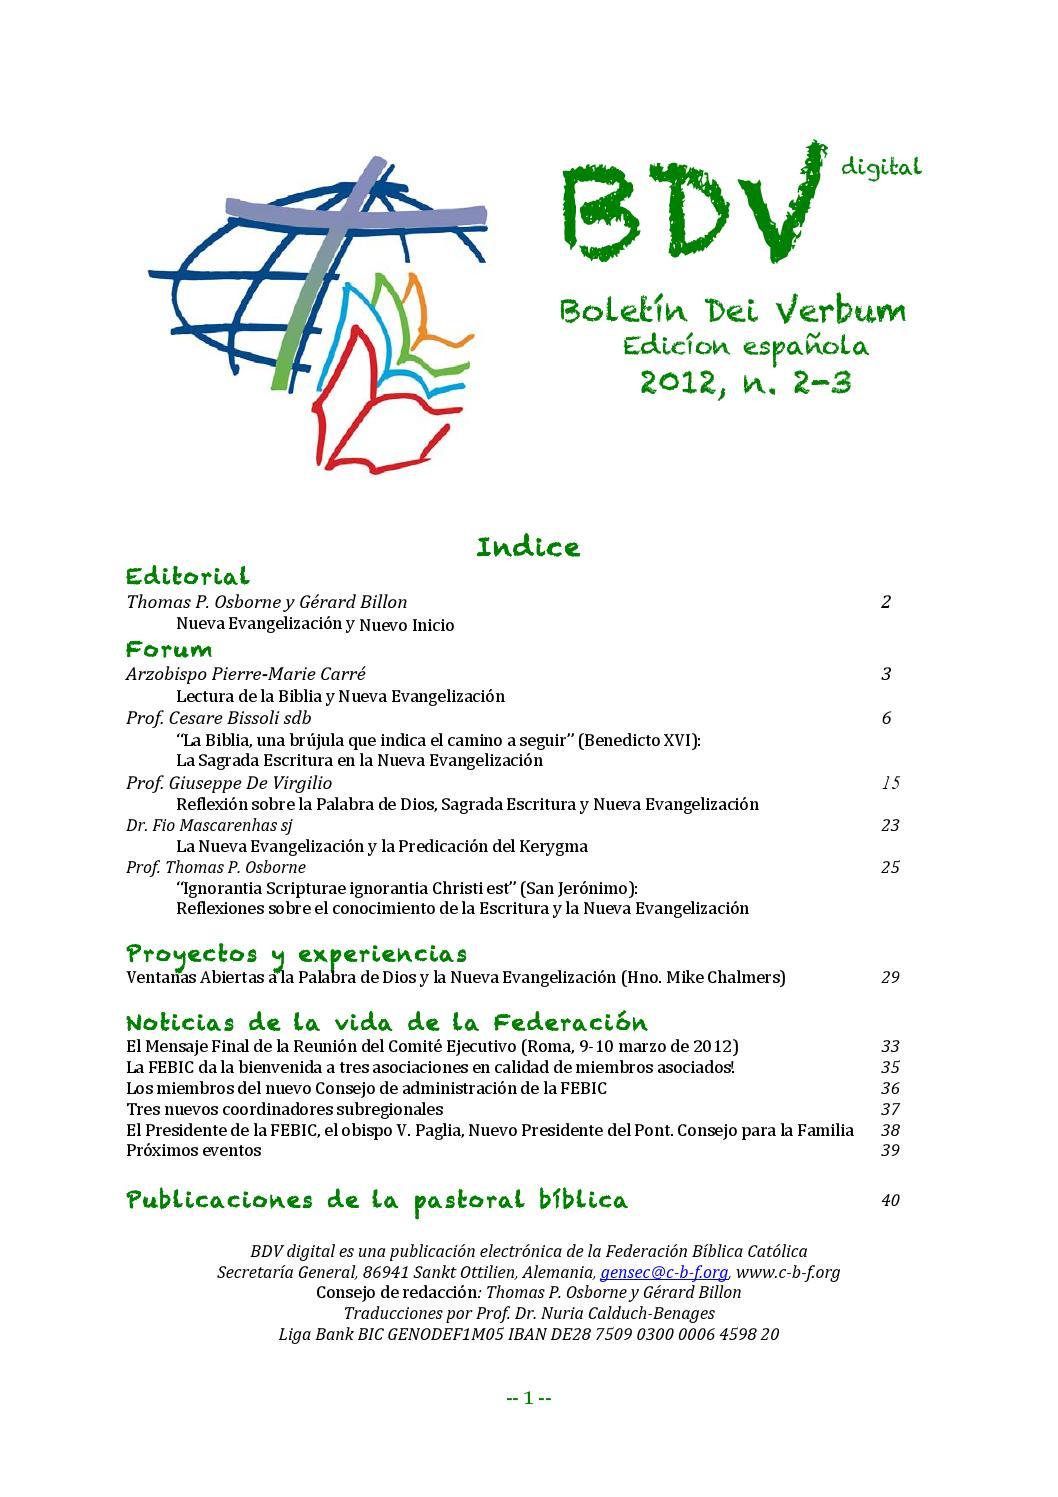 BDVdigital_2012_2-3(91-92)_ES by Catholic Biblical Federation - issuu